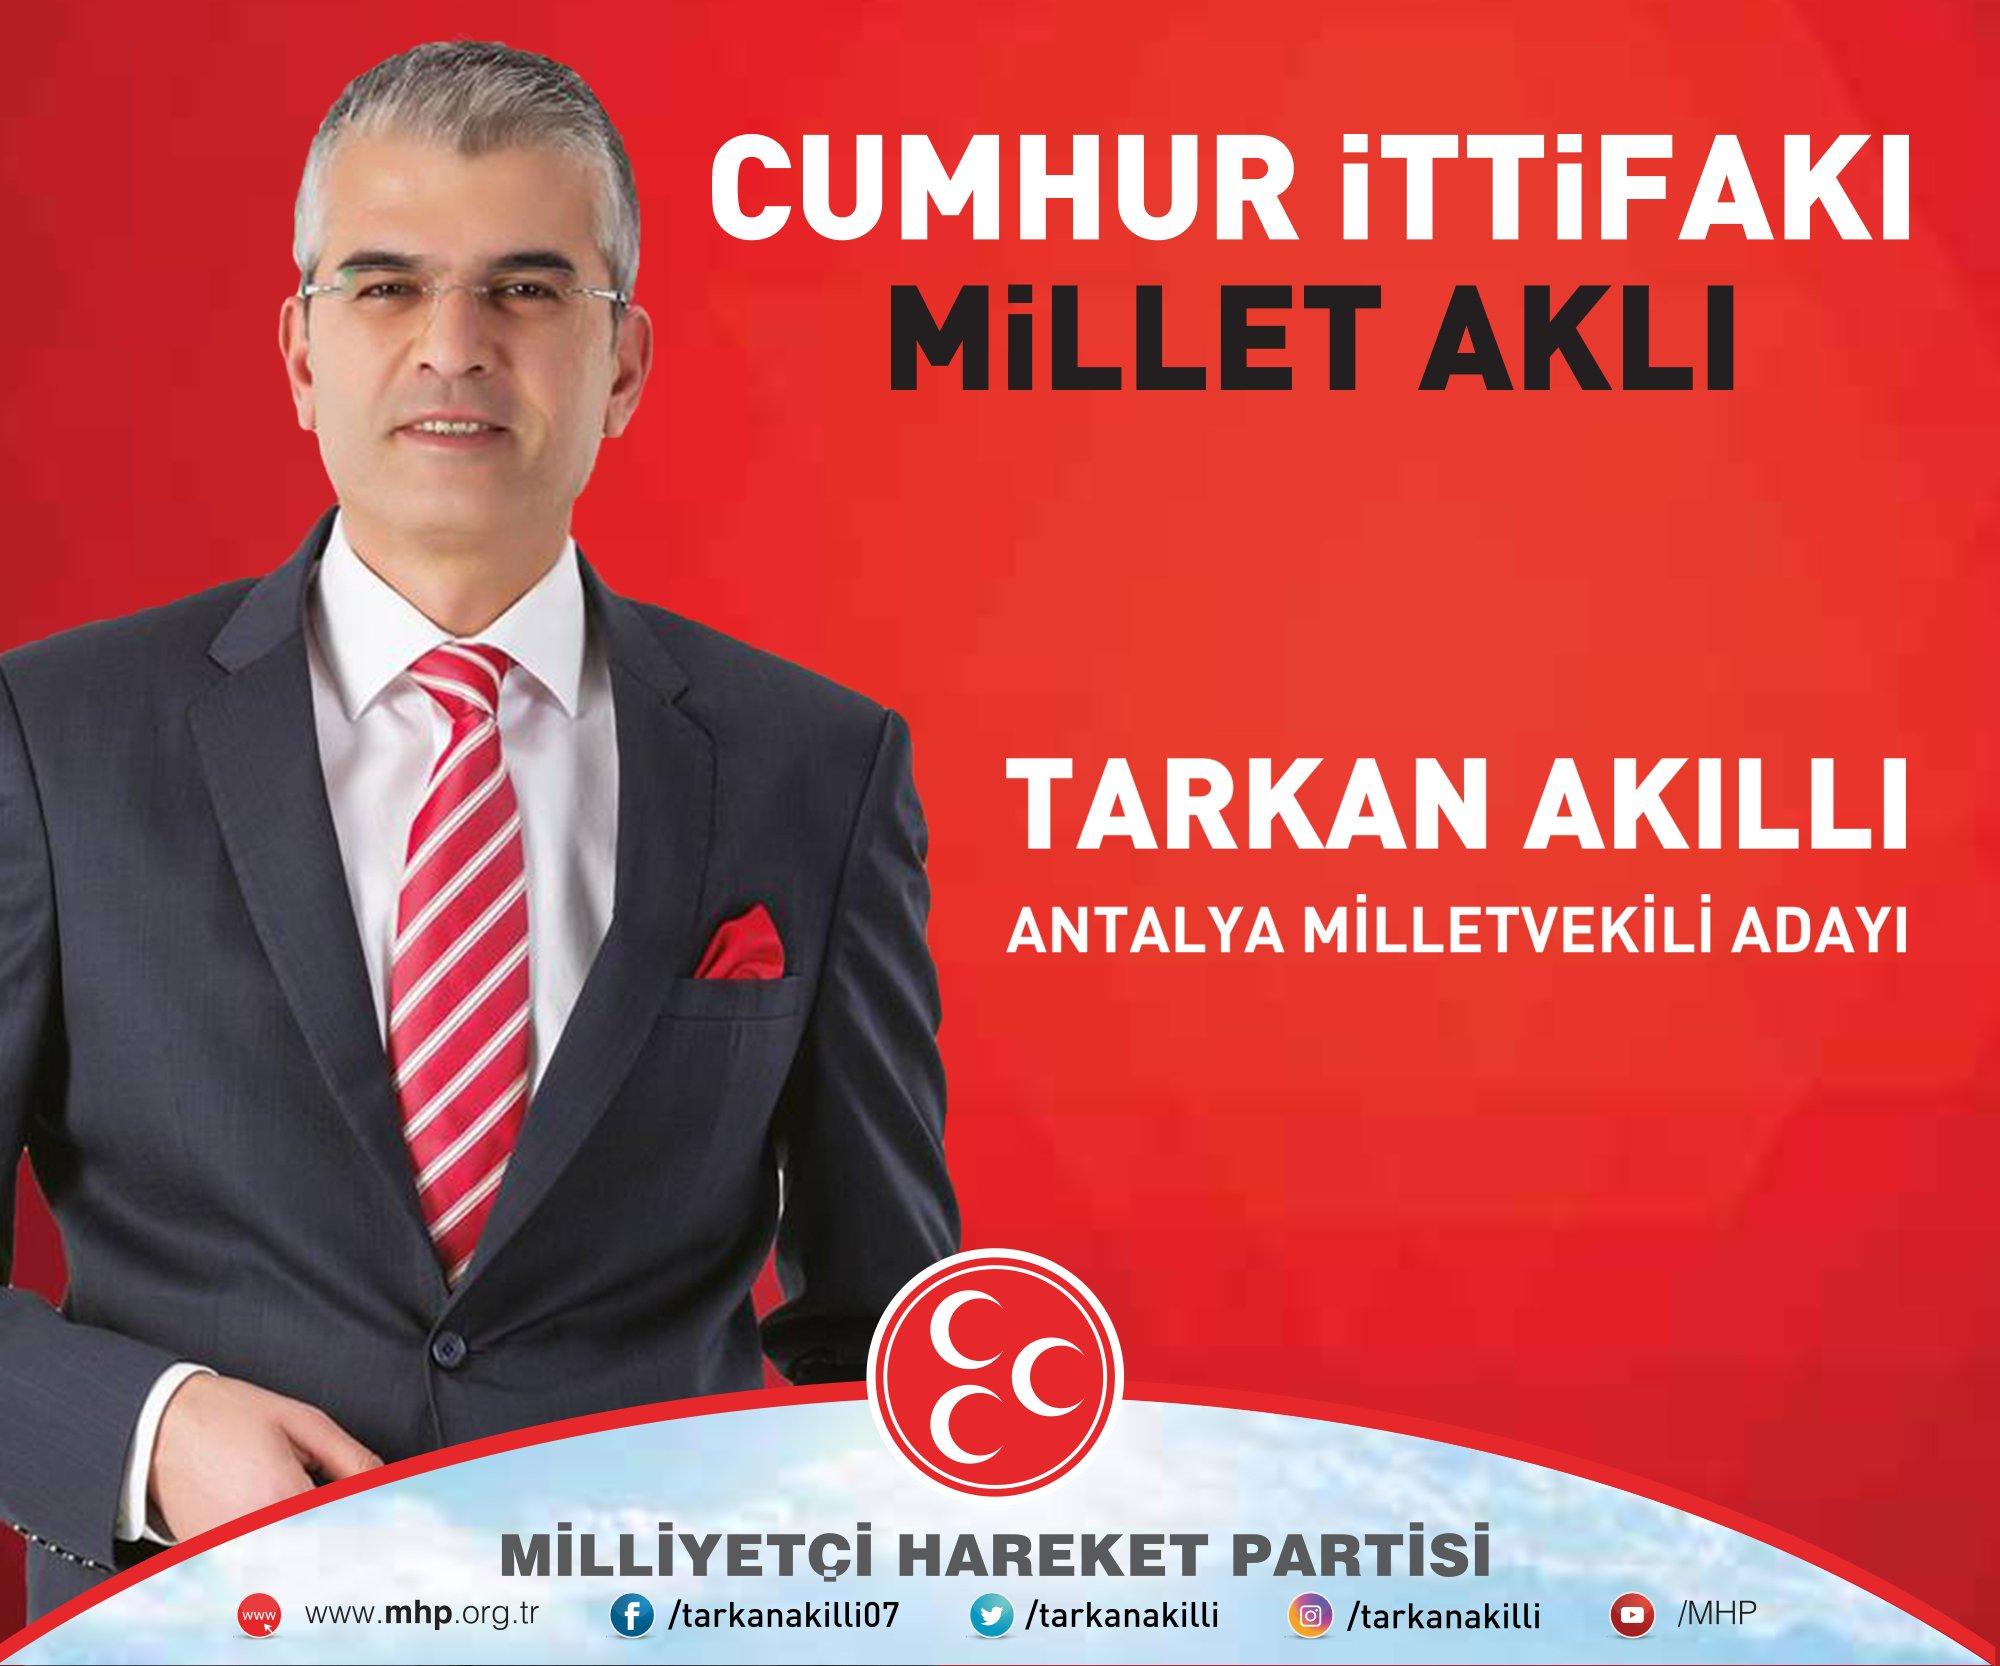 Tarkan Akıllı MHP Antalya Milletvekili Adayları